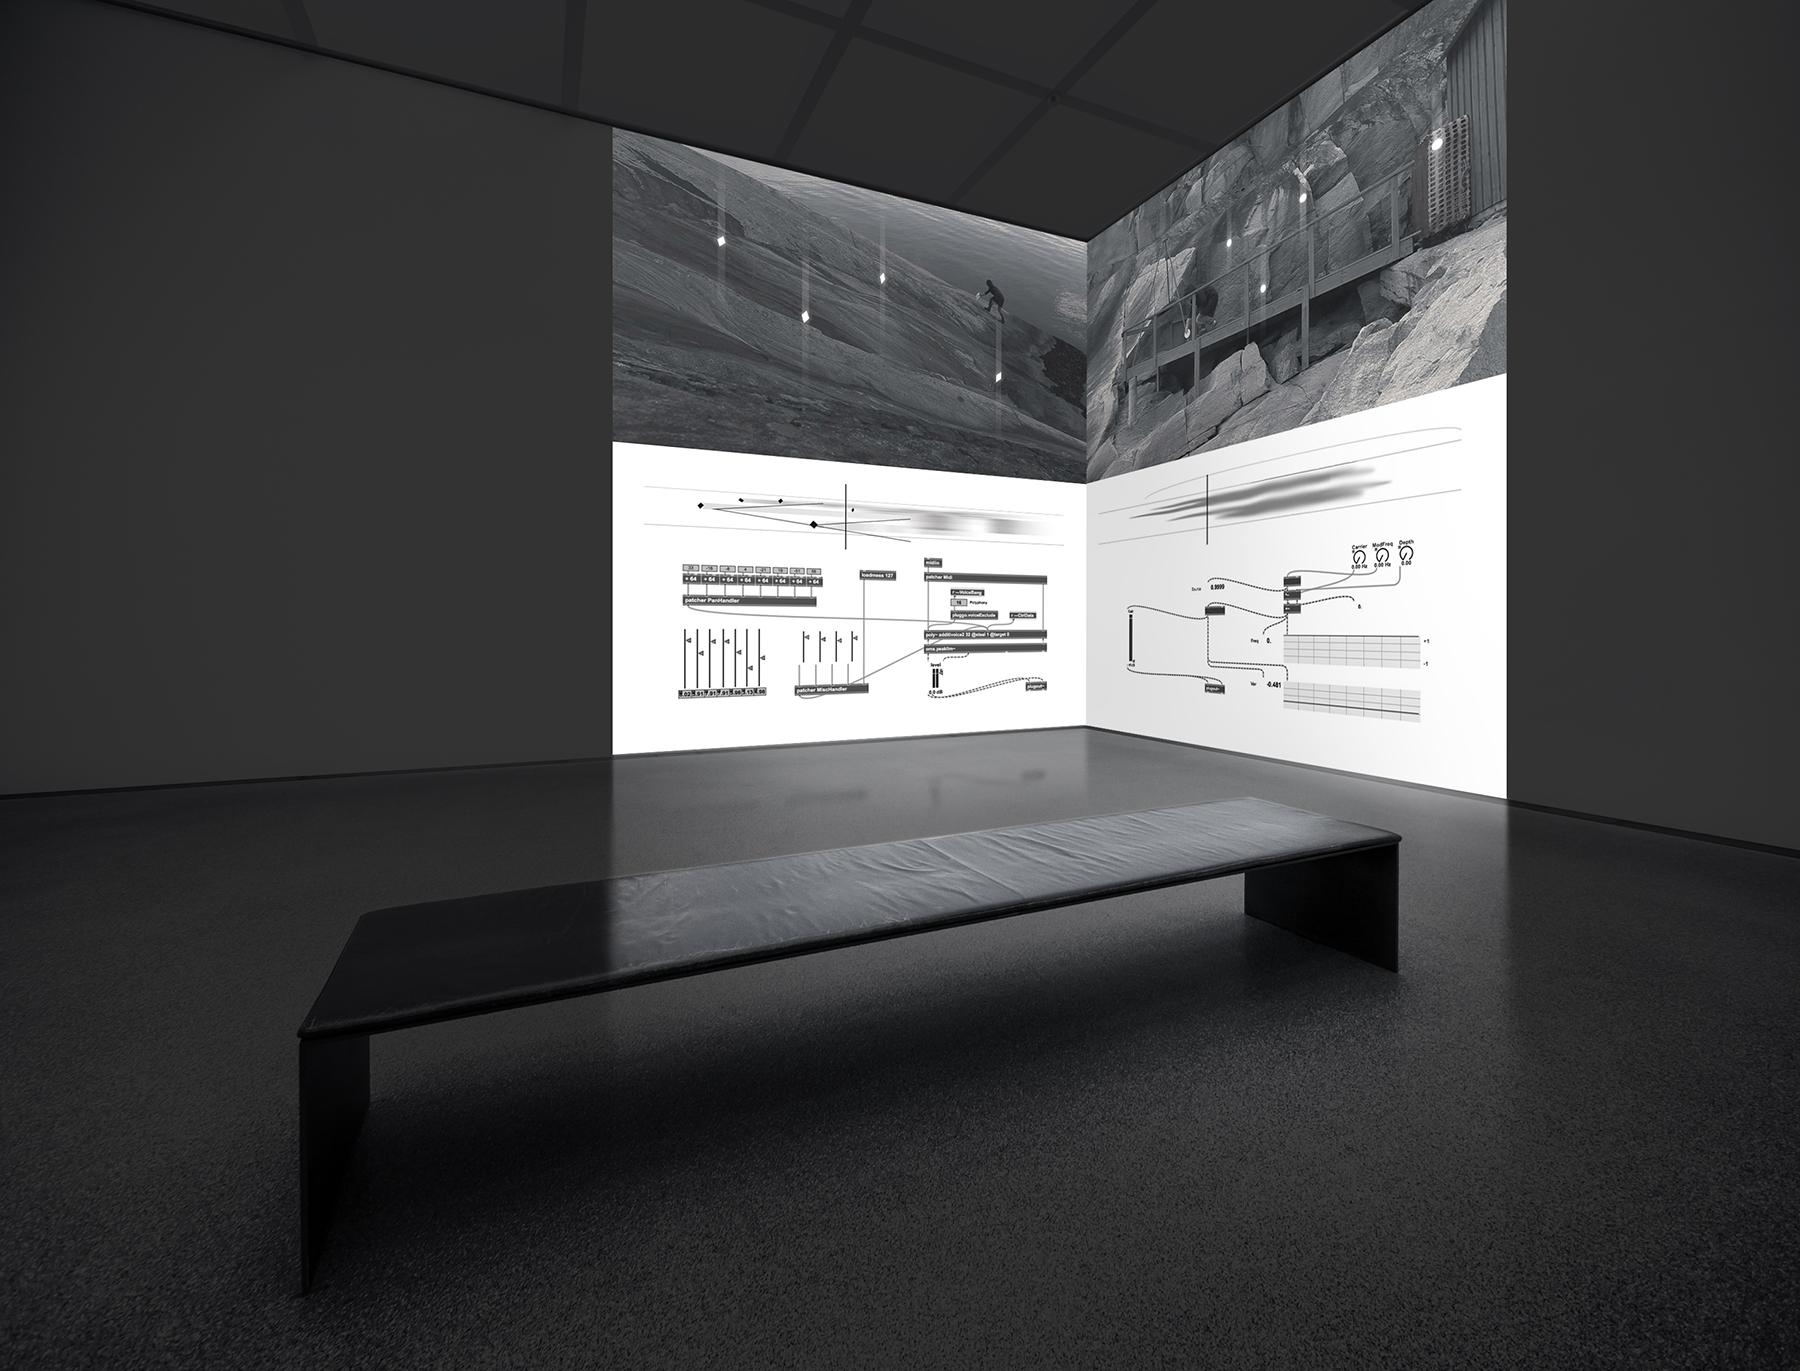 """""""Ciężko znaleźć ciało polifoniczne"""", Jacek Doroszenko, video, zdjęcie z wystawy, 2015, materiały promocyjne"""